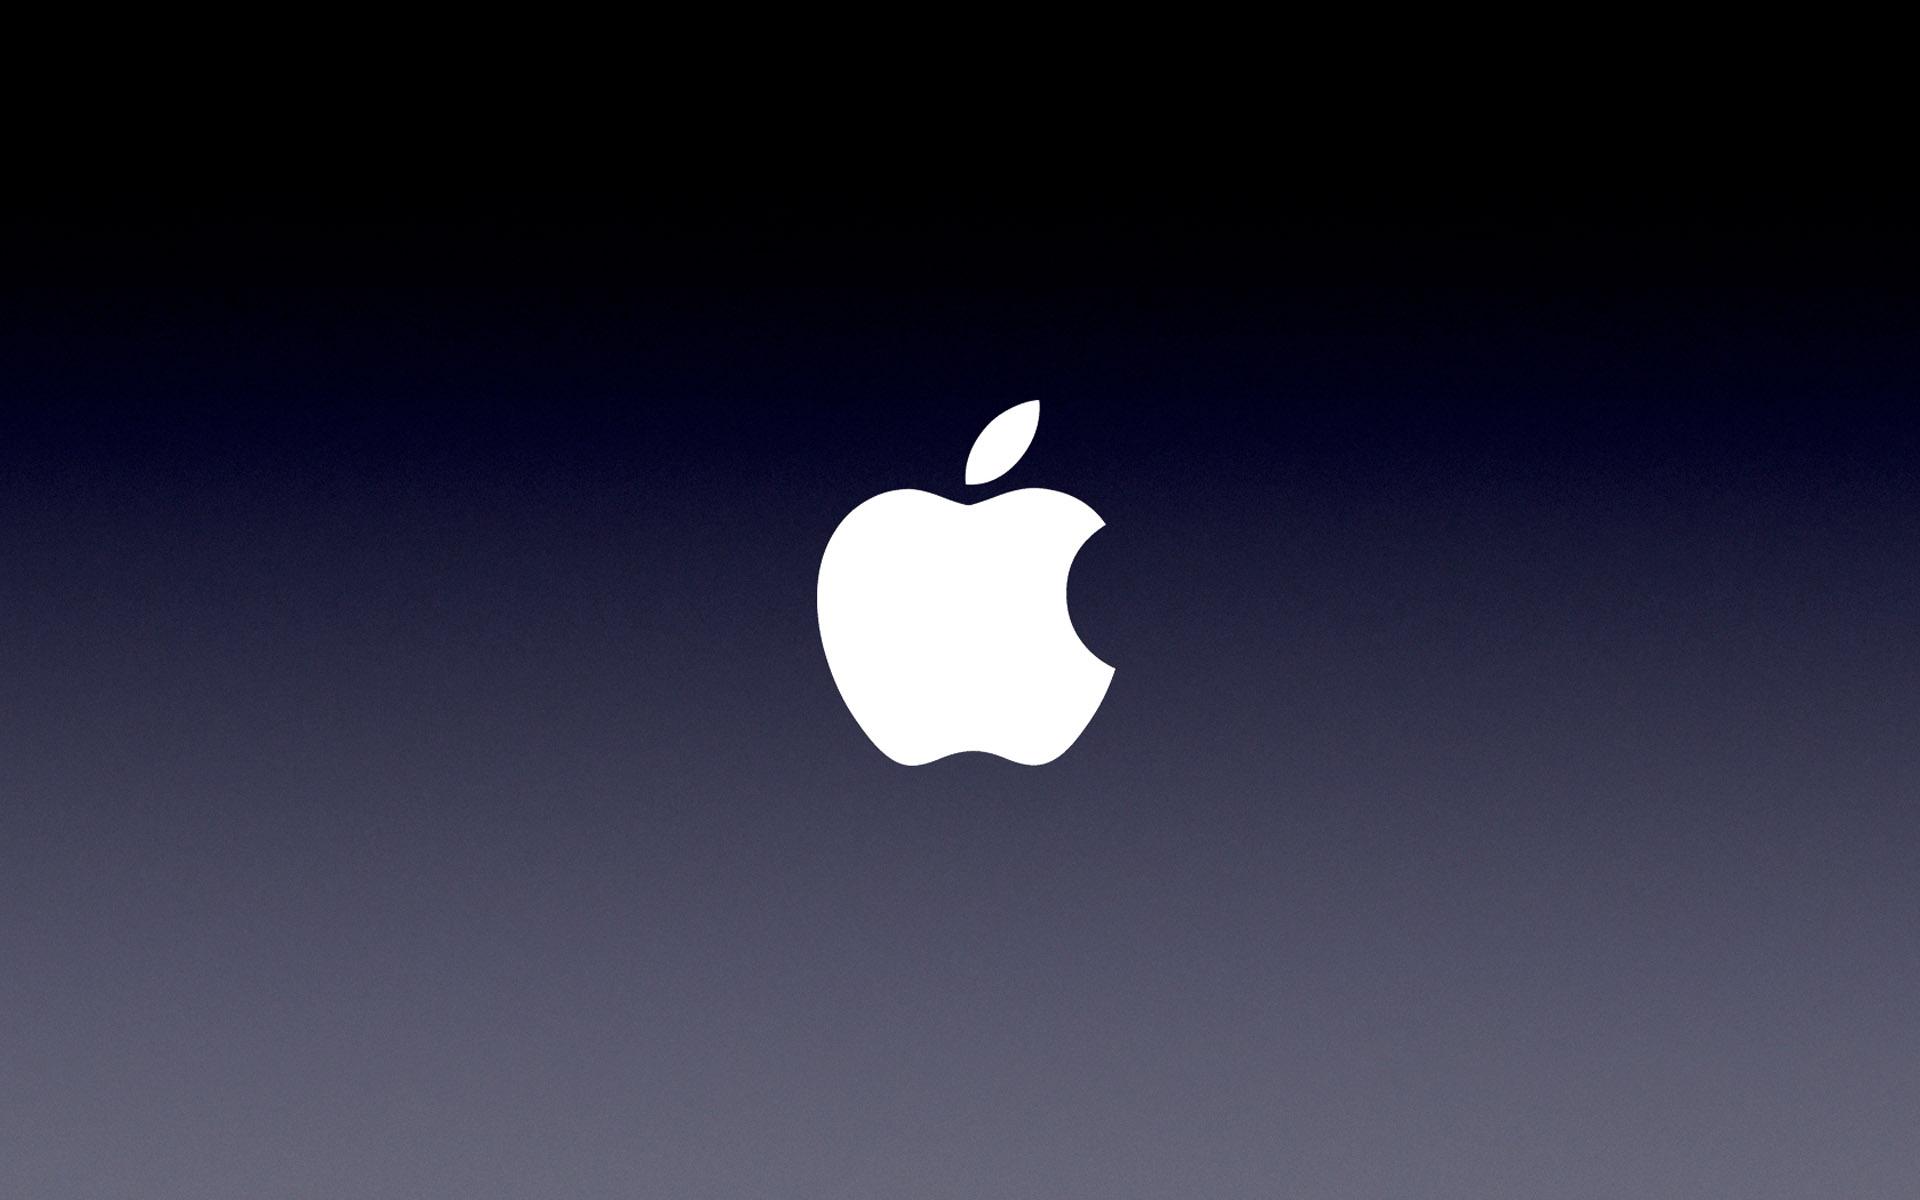 Самые ожидаемые «яблочные» новинки 2015